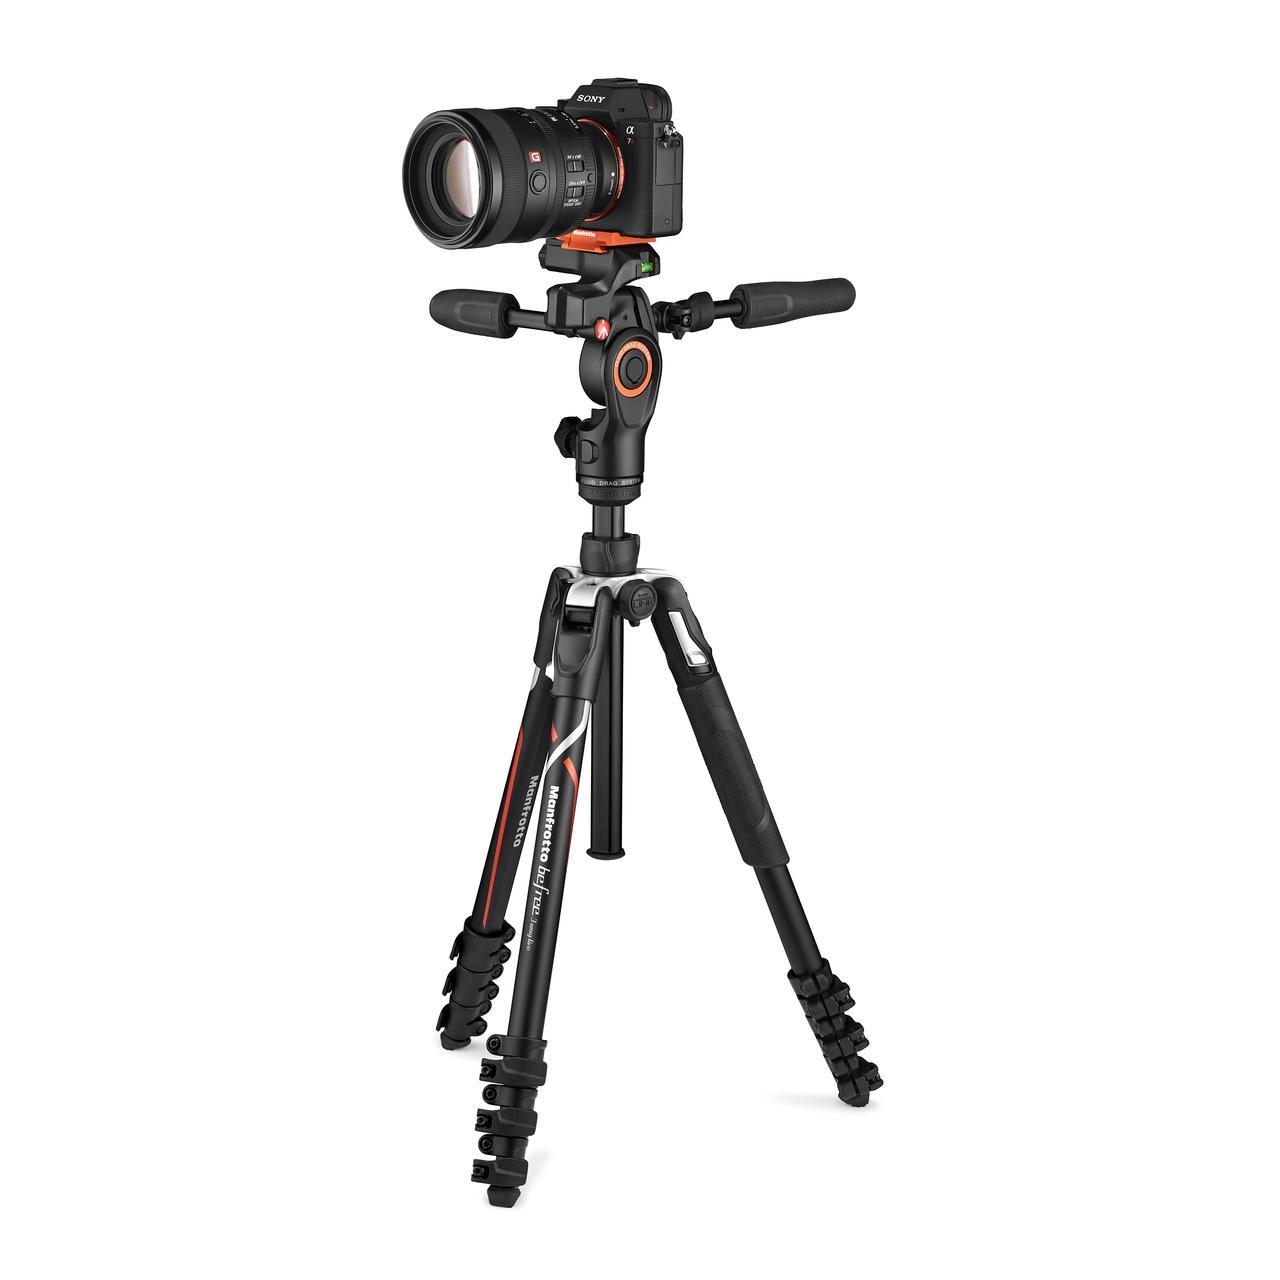 画像: ▲ソニーのカメラ(別売)を即着した状態。